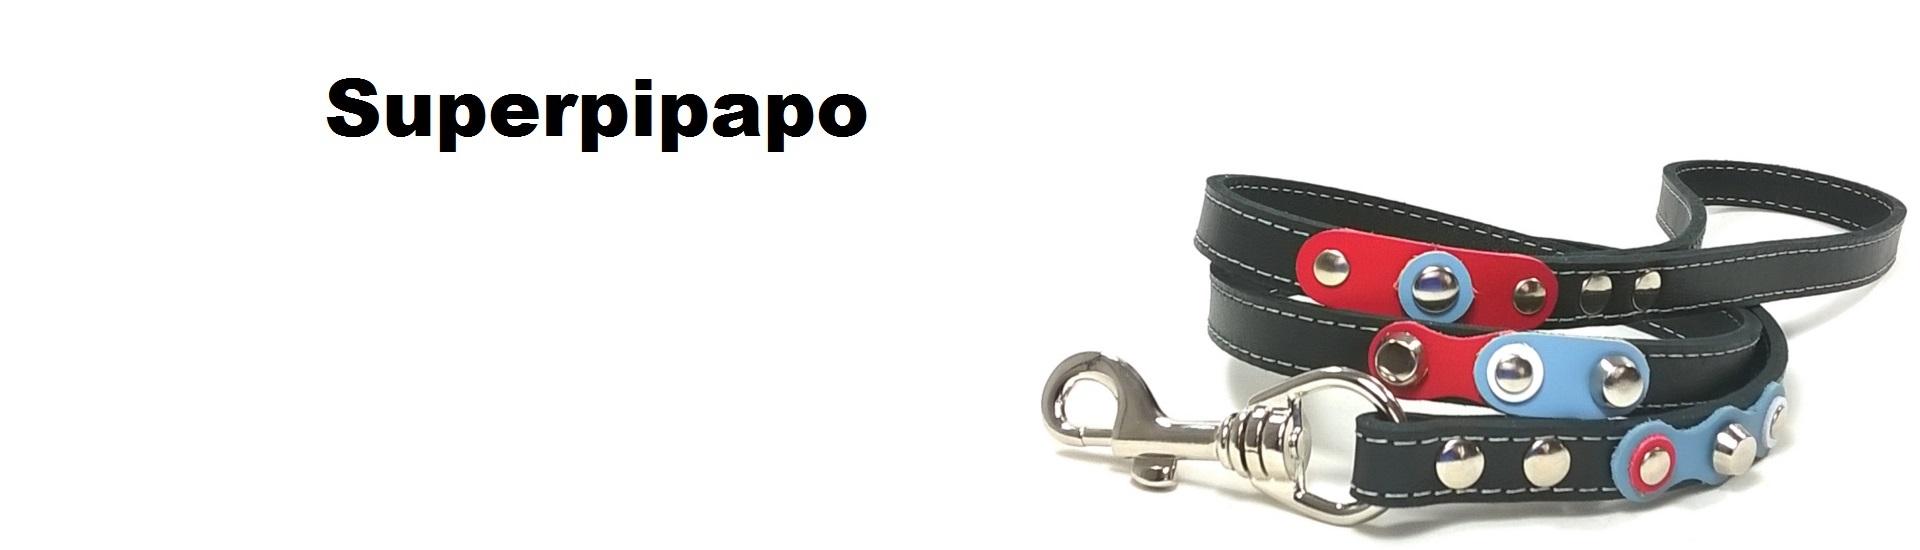 Superpipapo – Originelle Design Hundegeschirre und Halsbänder für Hunde und Katzen – Handgemacht von Spanischem Leder – Passende Leinen und Armbänder – Gehe zum Online Shop!